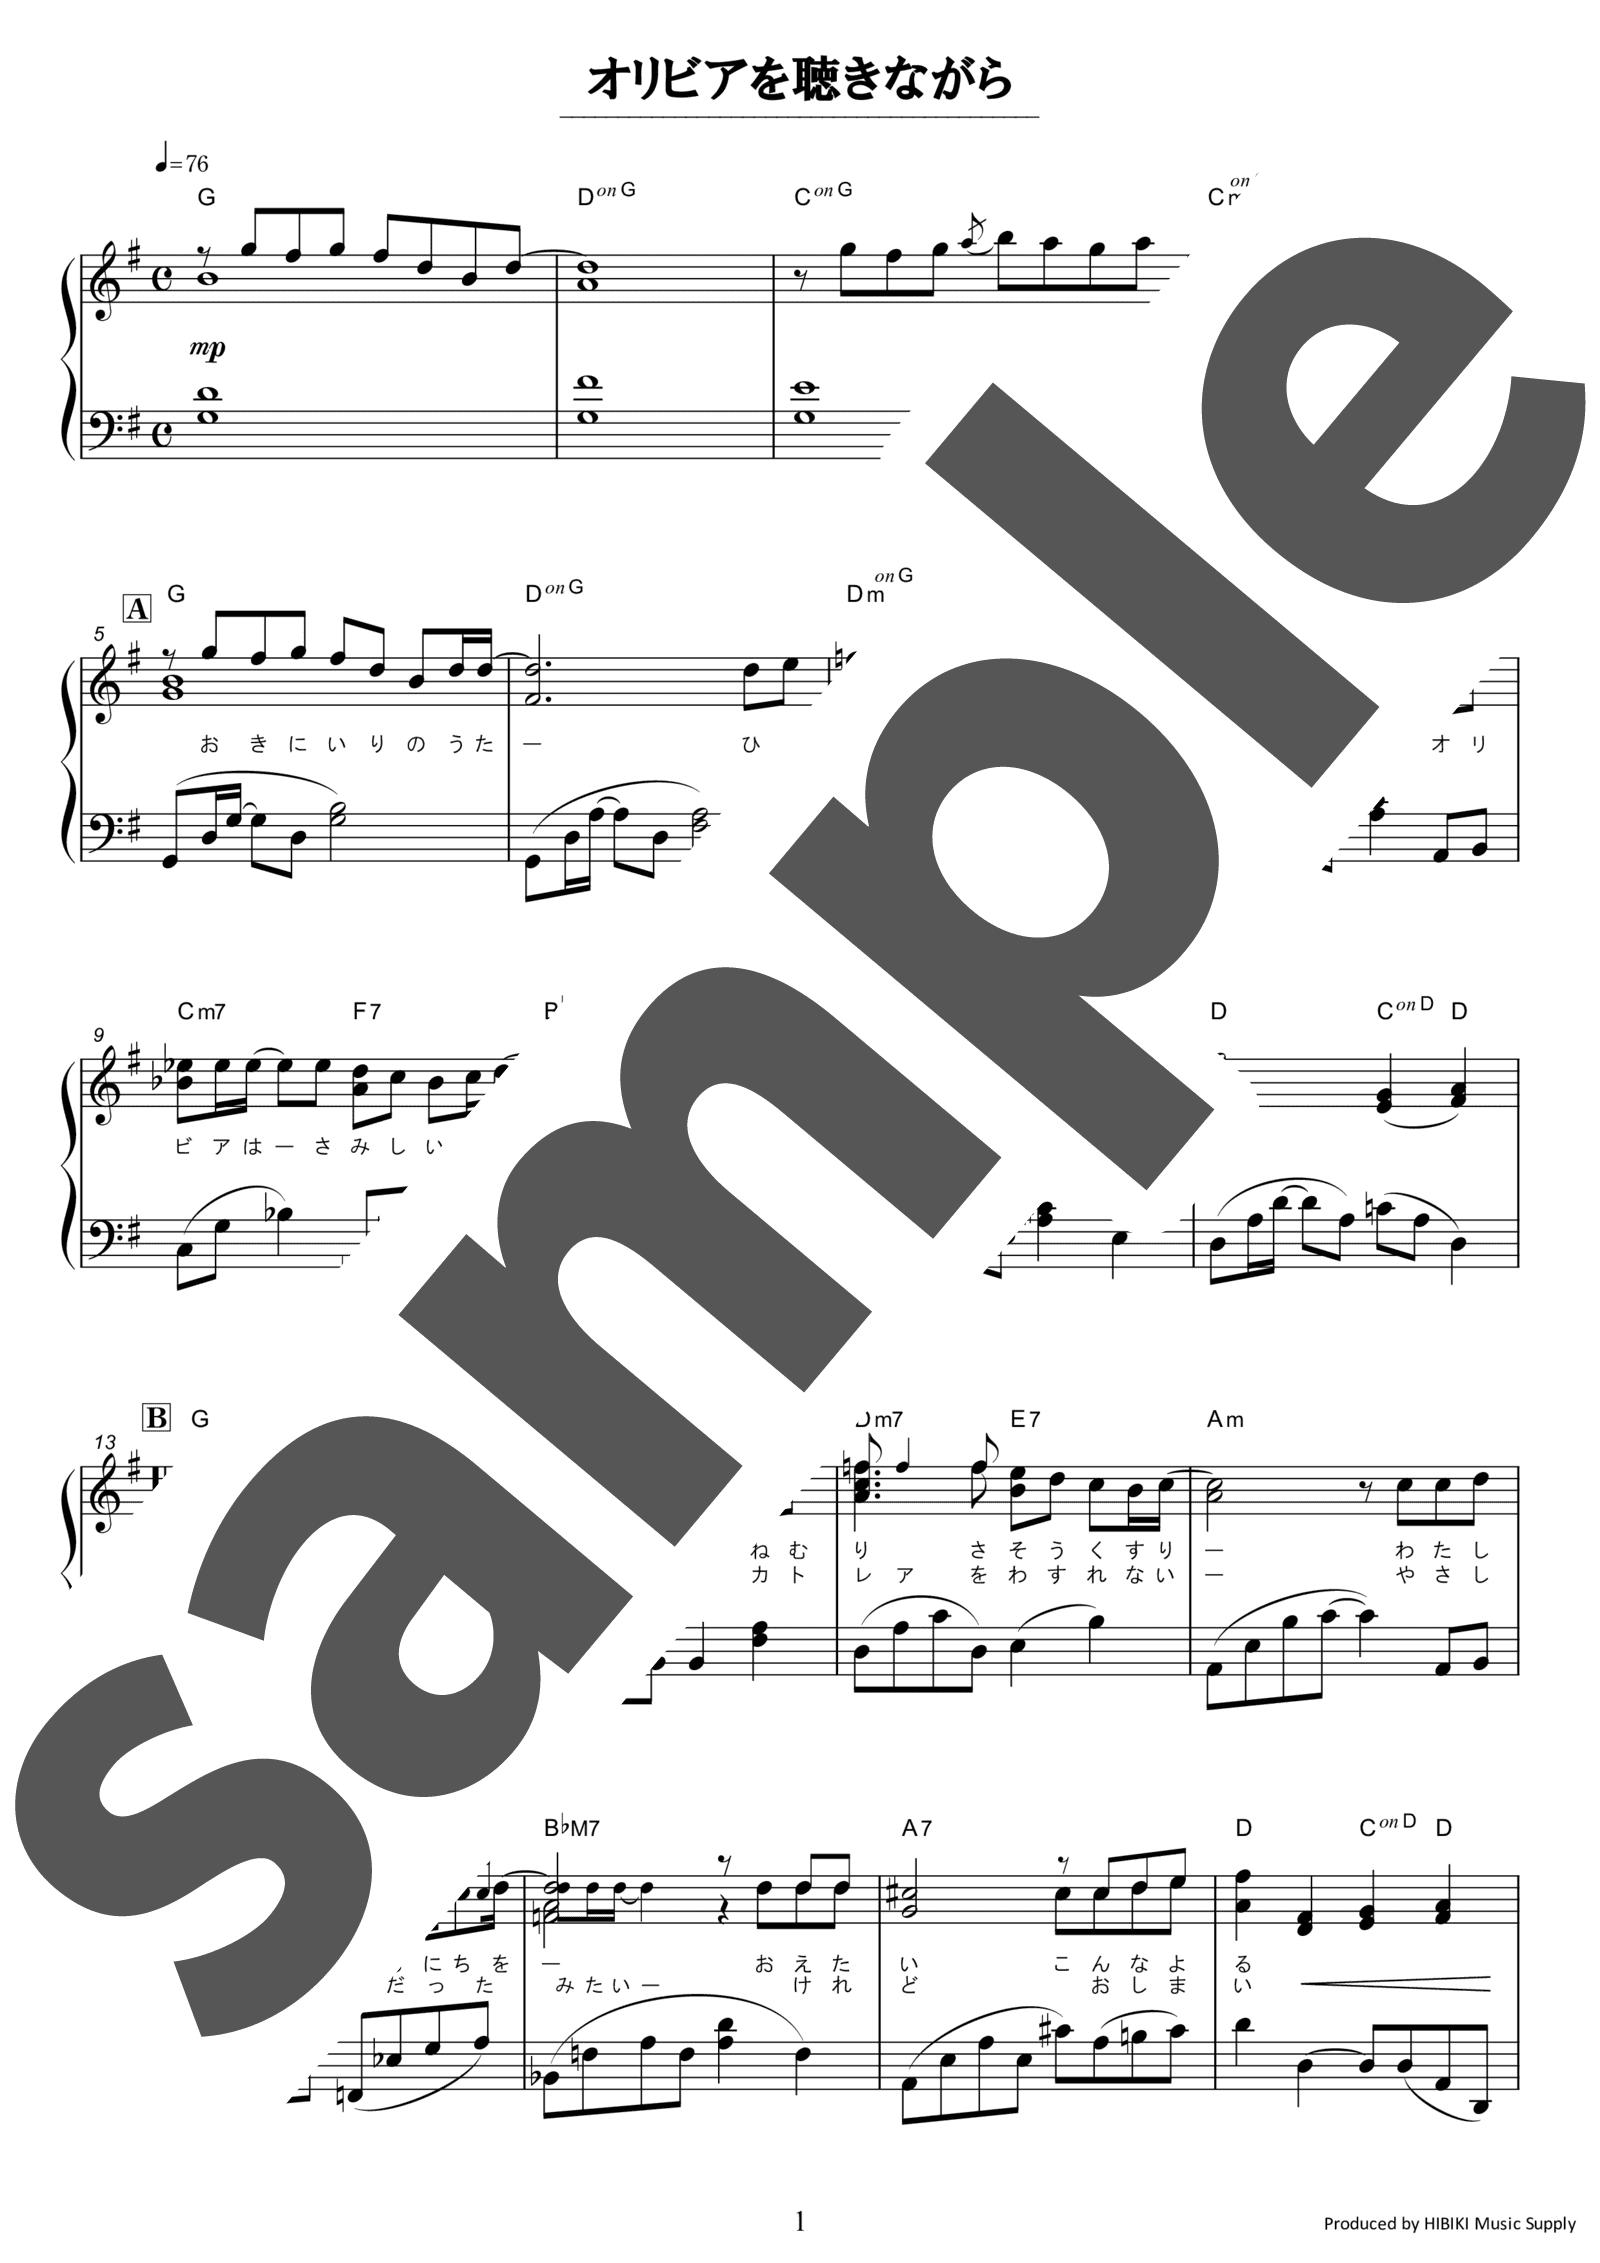 「オリビアを聴きながら」のサンプル楽譜